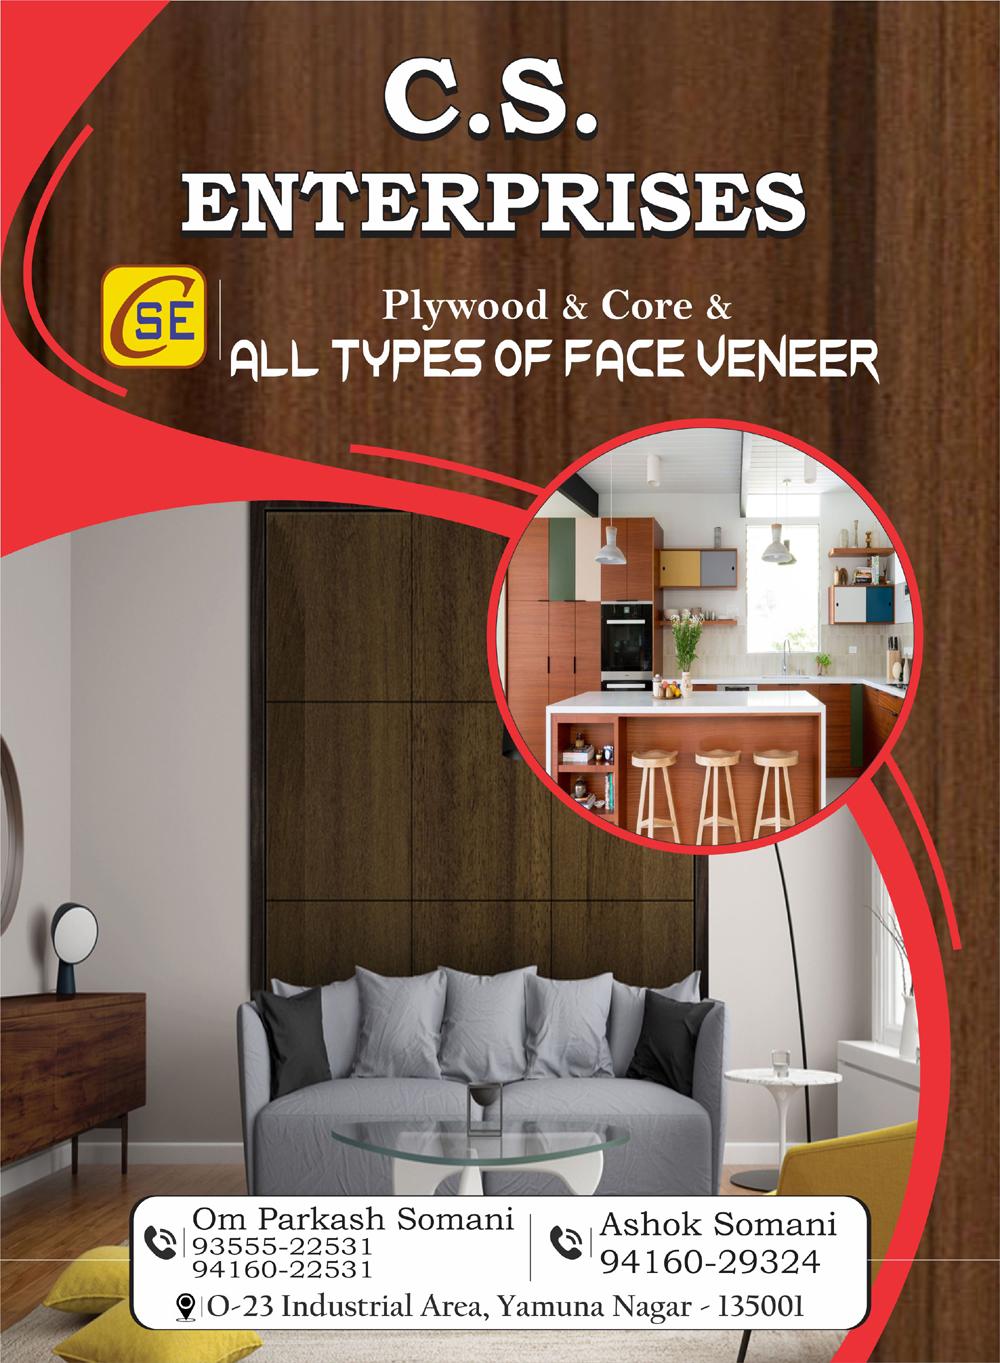 C.S. Enterprises